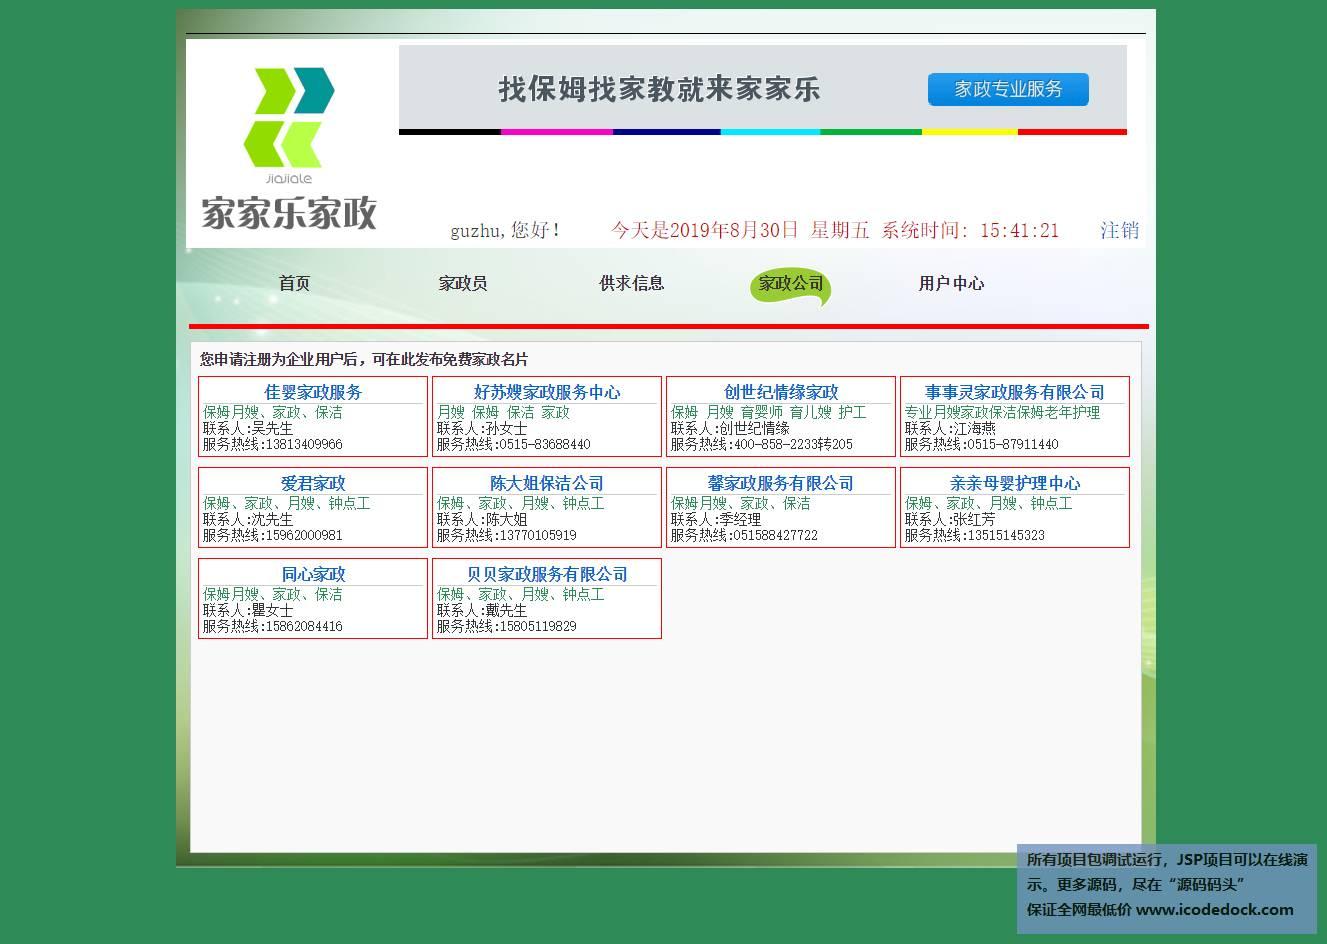 源码码头-JSP家政服务管理系统-雇主用户角色-查看家政公司